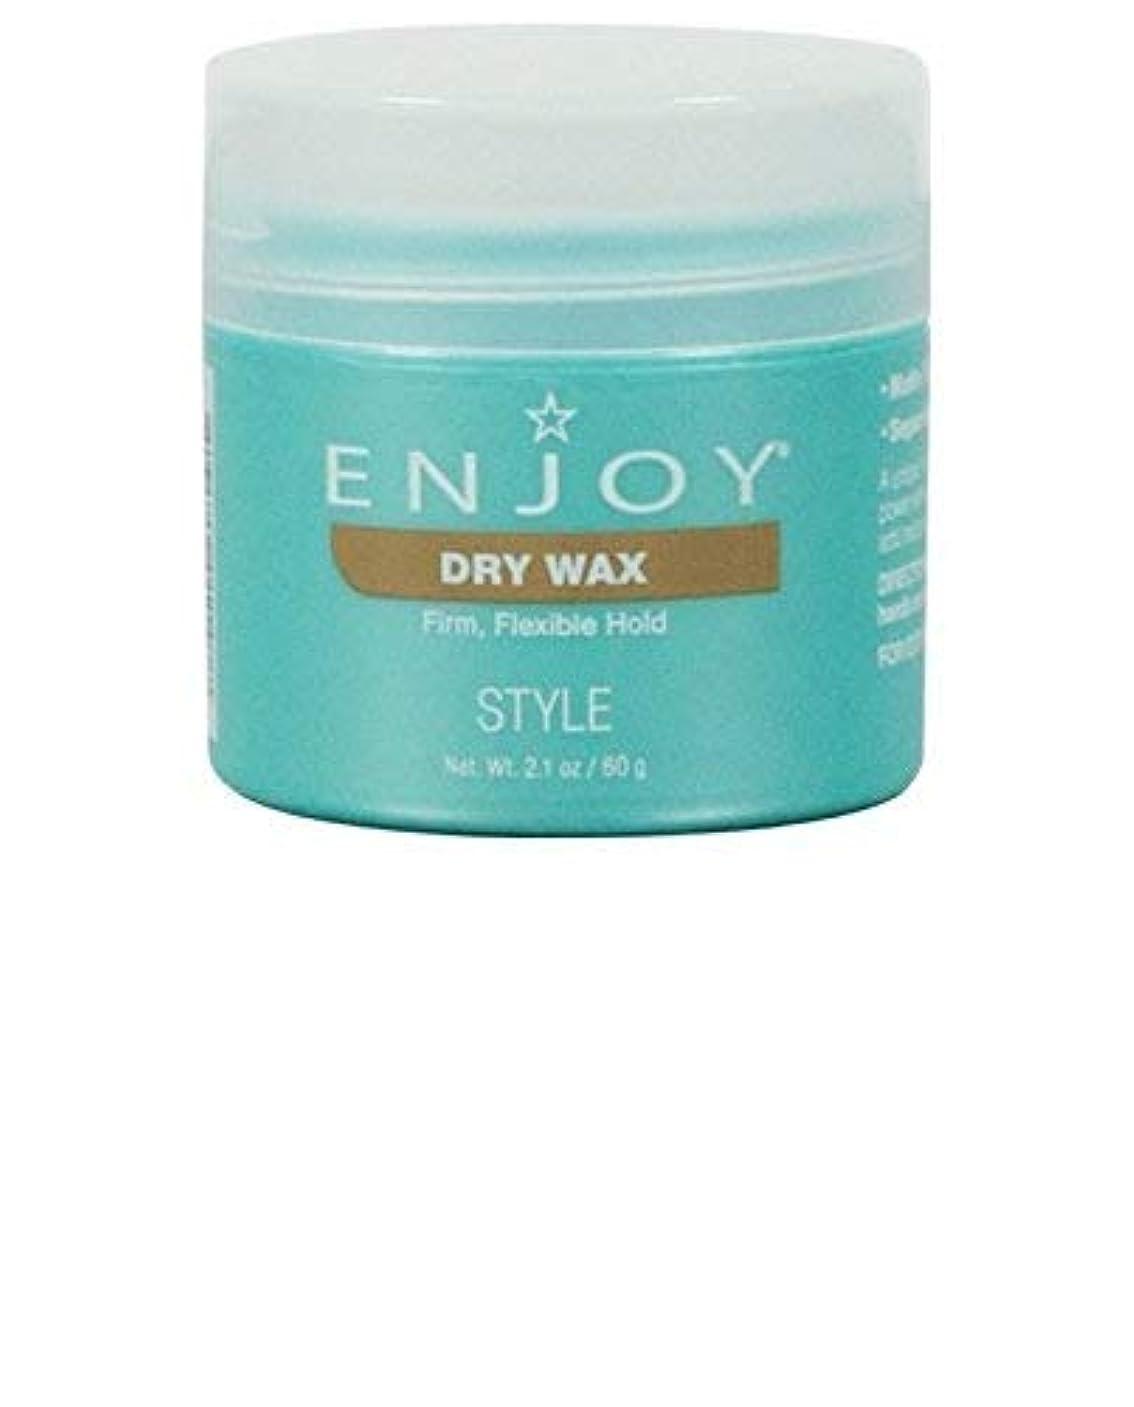 香水弱める病んでいるDry Wax 2.1 fl oz 60g ドライ ワックス